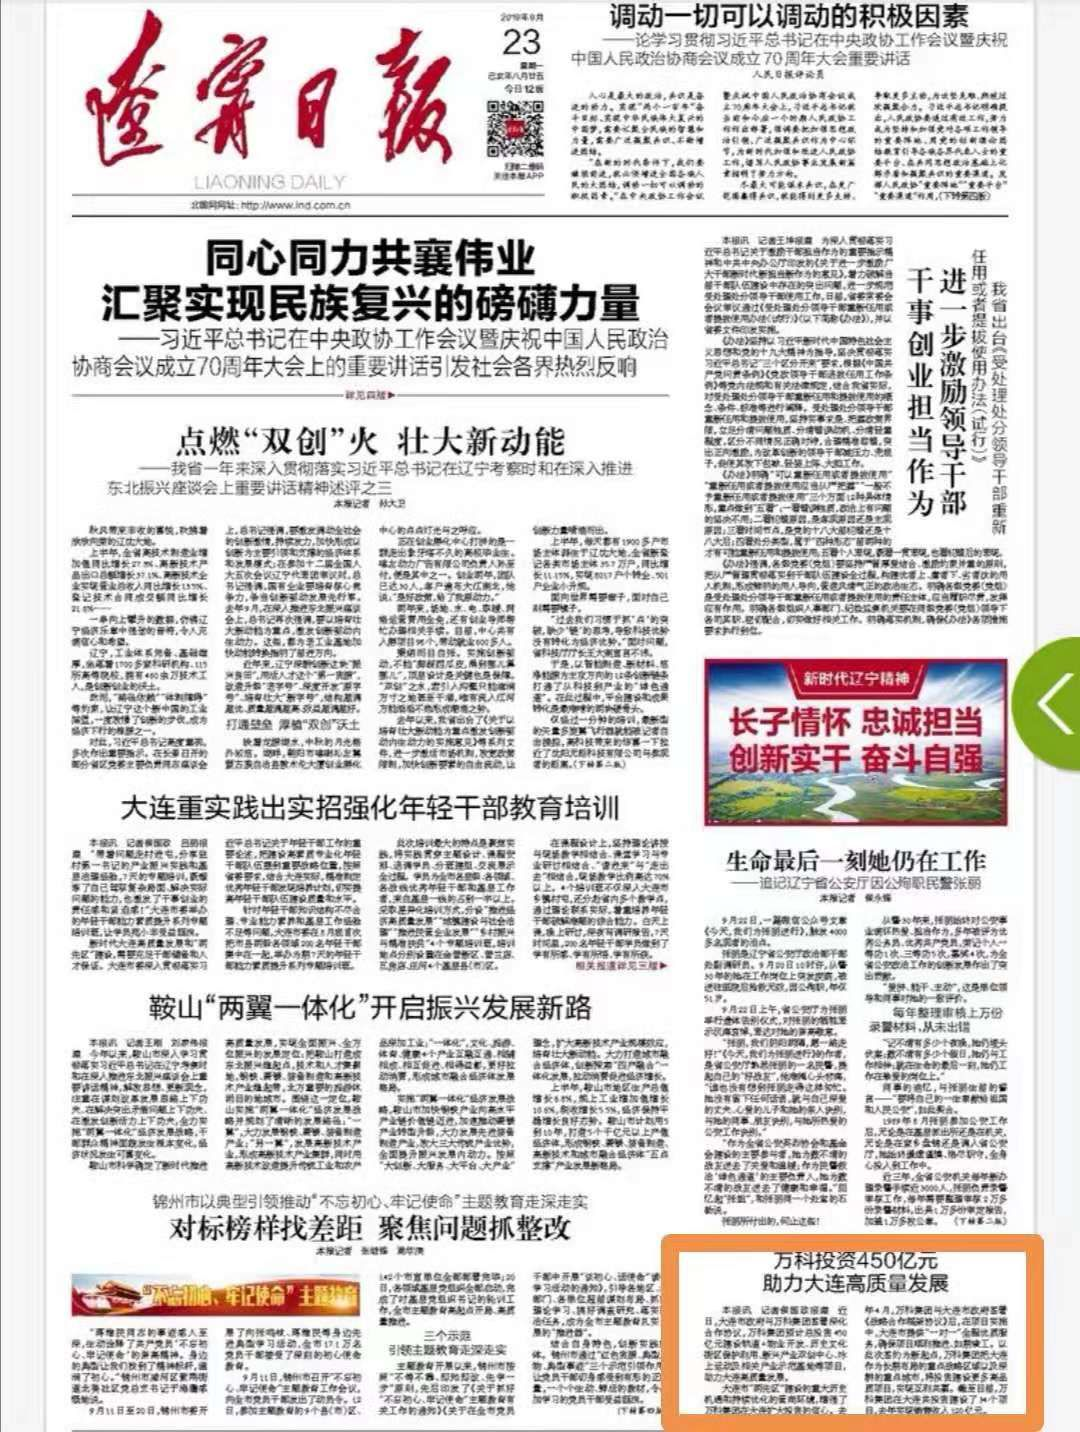 http://www.shangoudaohang.com/yingxiao/212805.html